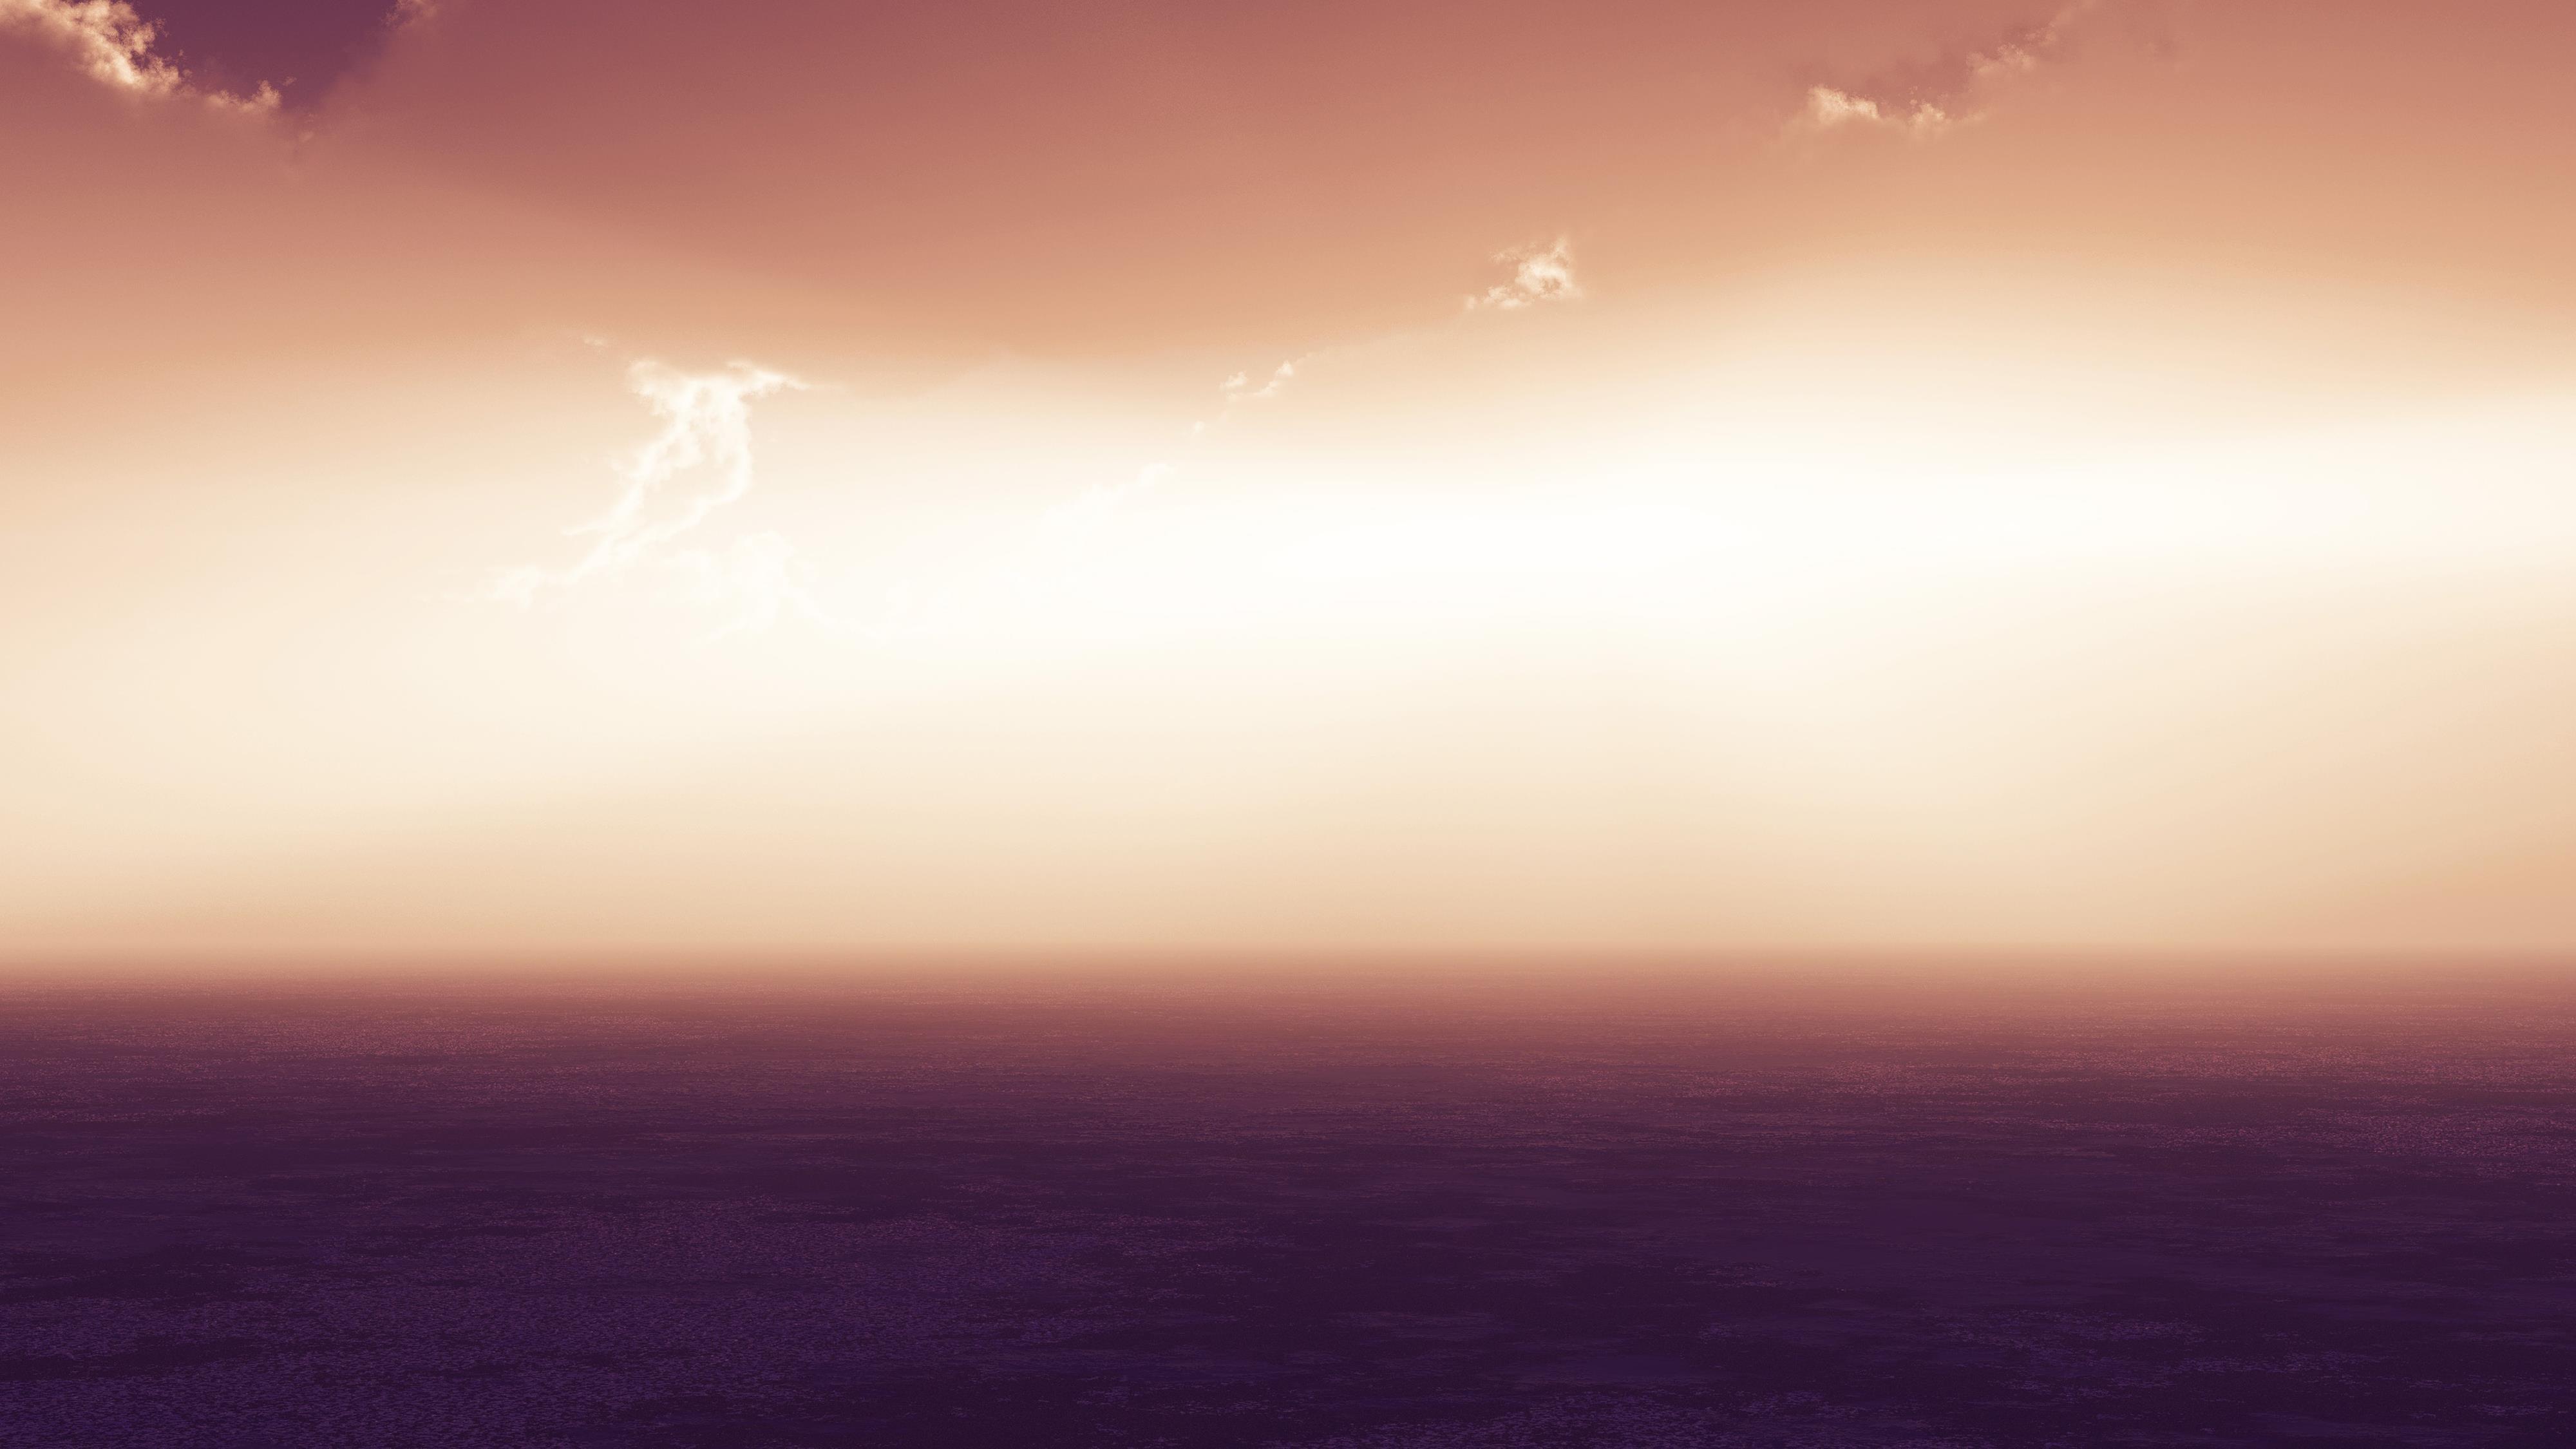 Морской пейзаж горизонт сумерки обои скачать